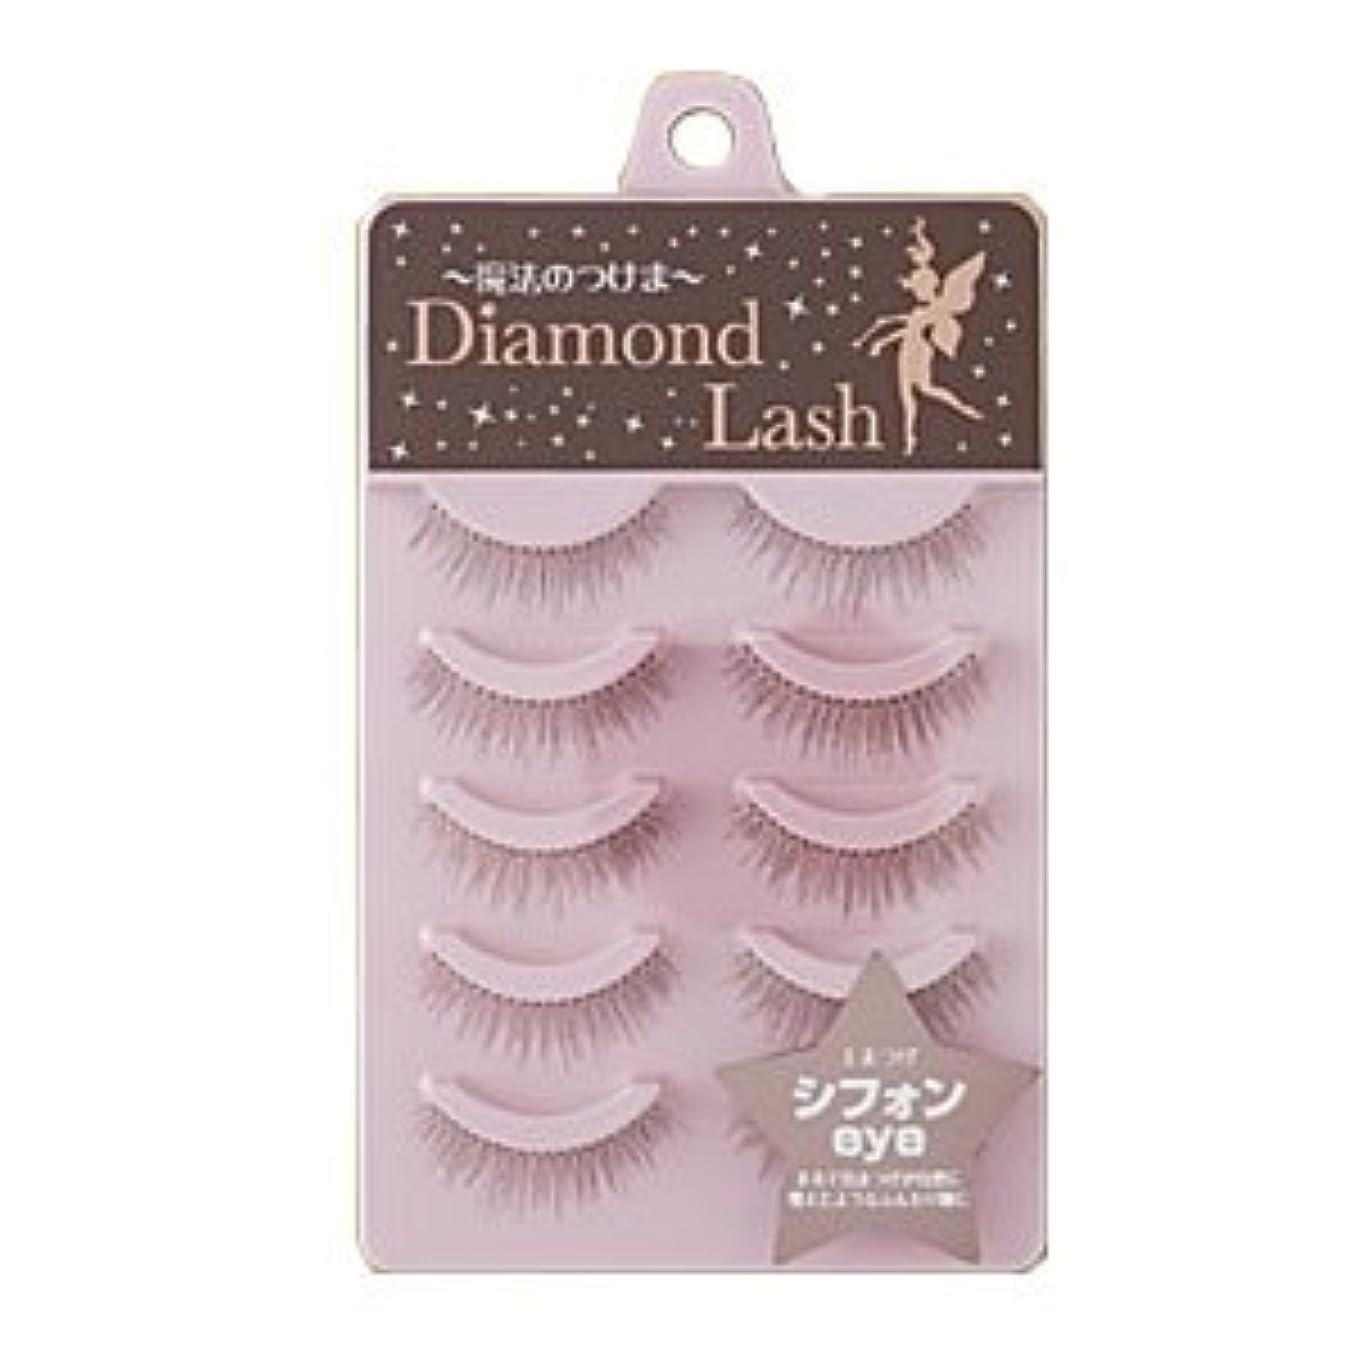 薬を飲む行ラボダイヤモンドラッシュ Diamond Lash つけまつげ リッチブラウンシリーズ シフォンeye